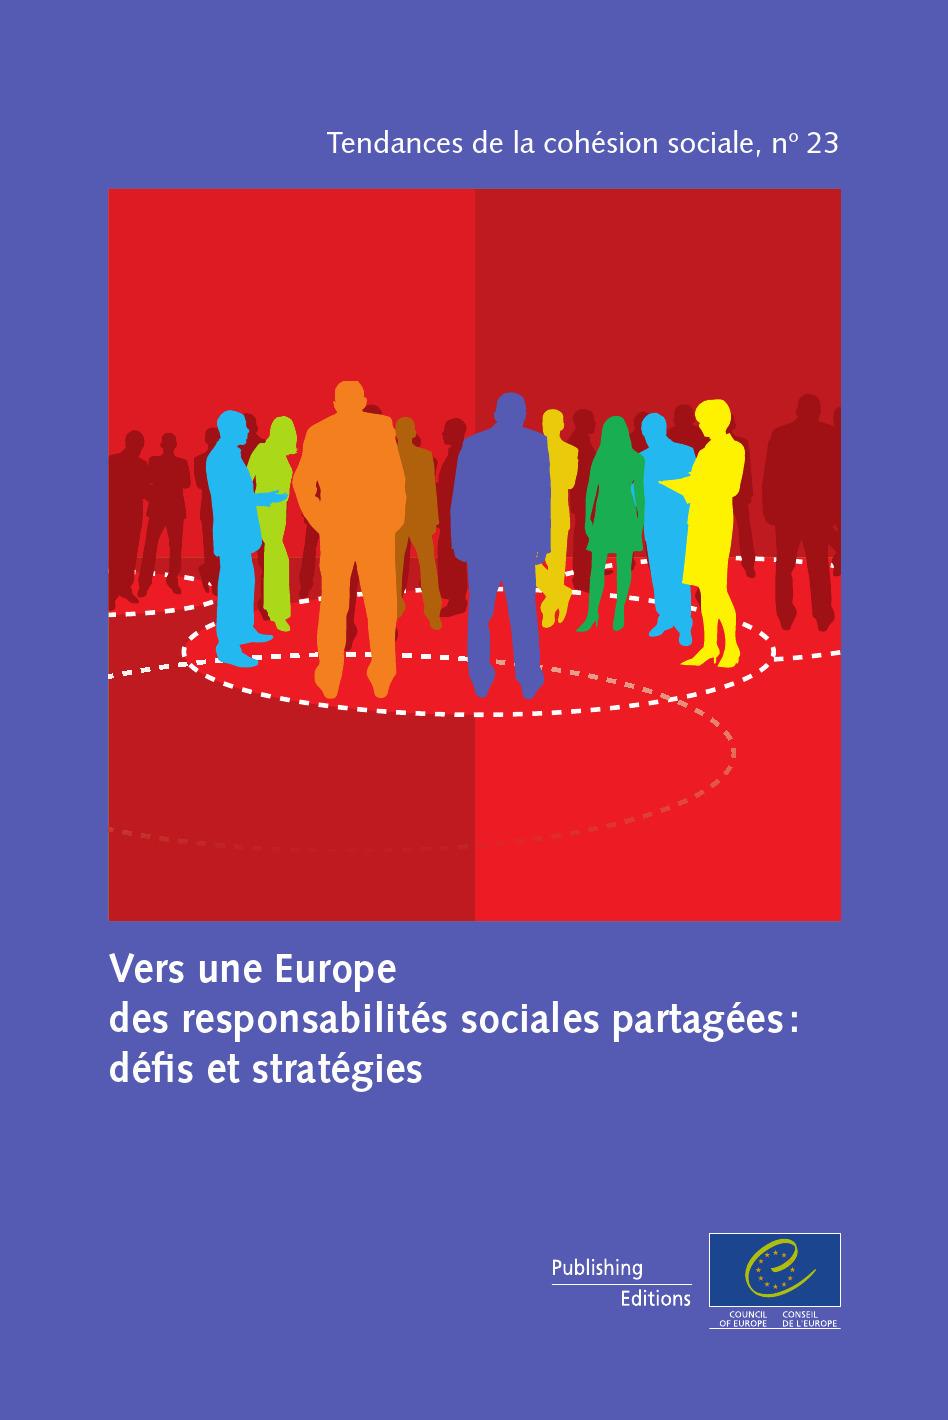 Vers une Europe des responsabilités sociales partagées: défis et stratégies